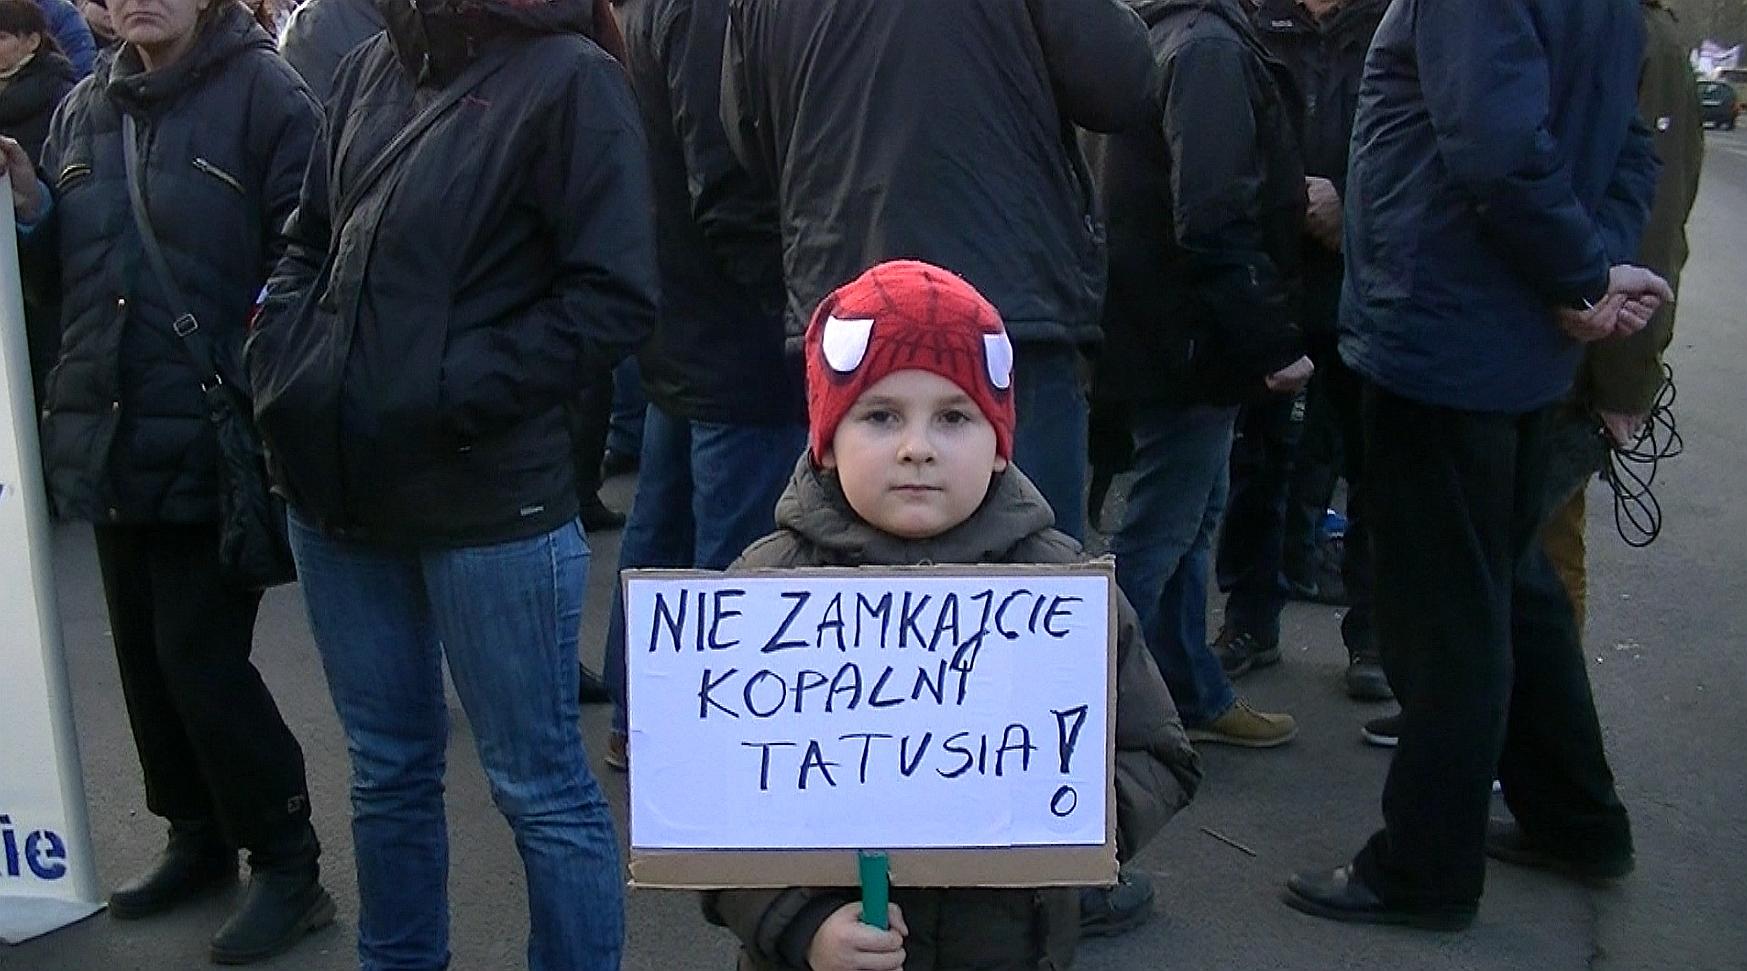 WOLNY CZYN: Śląsk przeciw Targowicy! 16 stycznia Gliwice. Mówi P. Duda